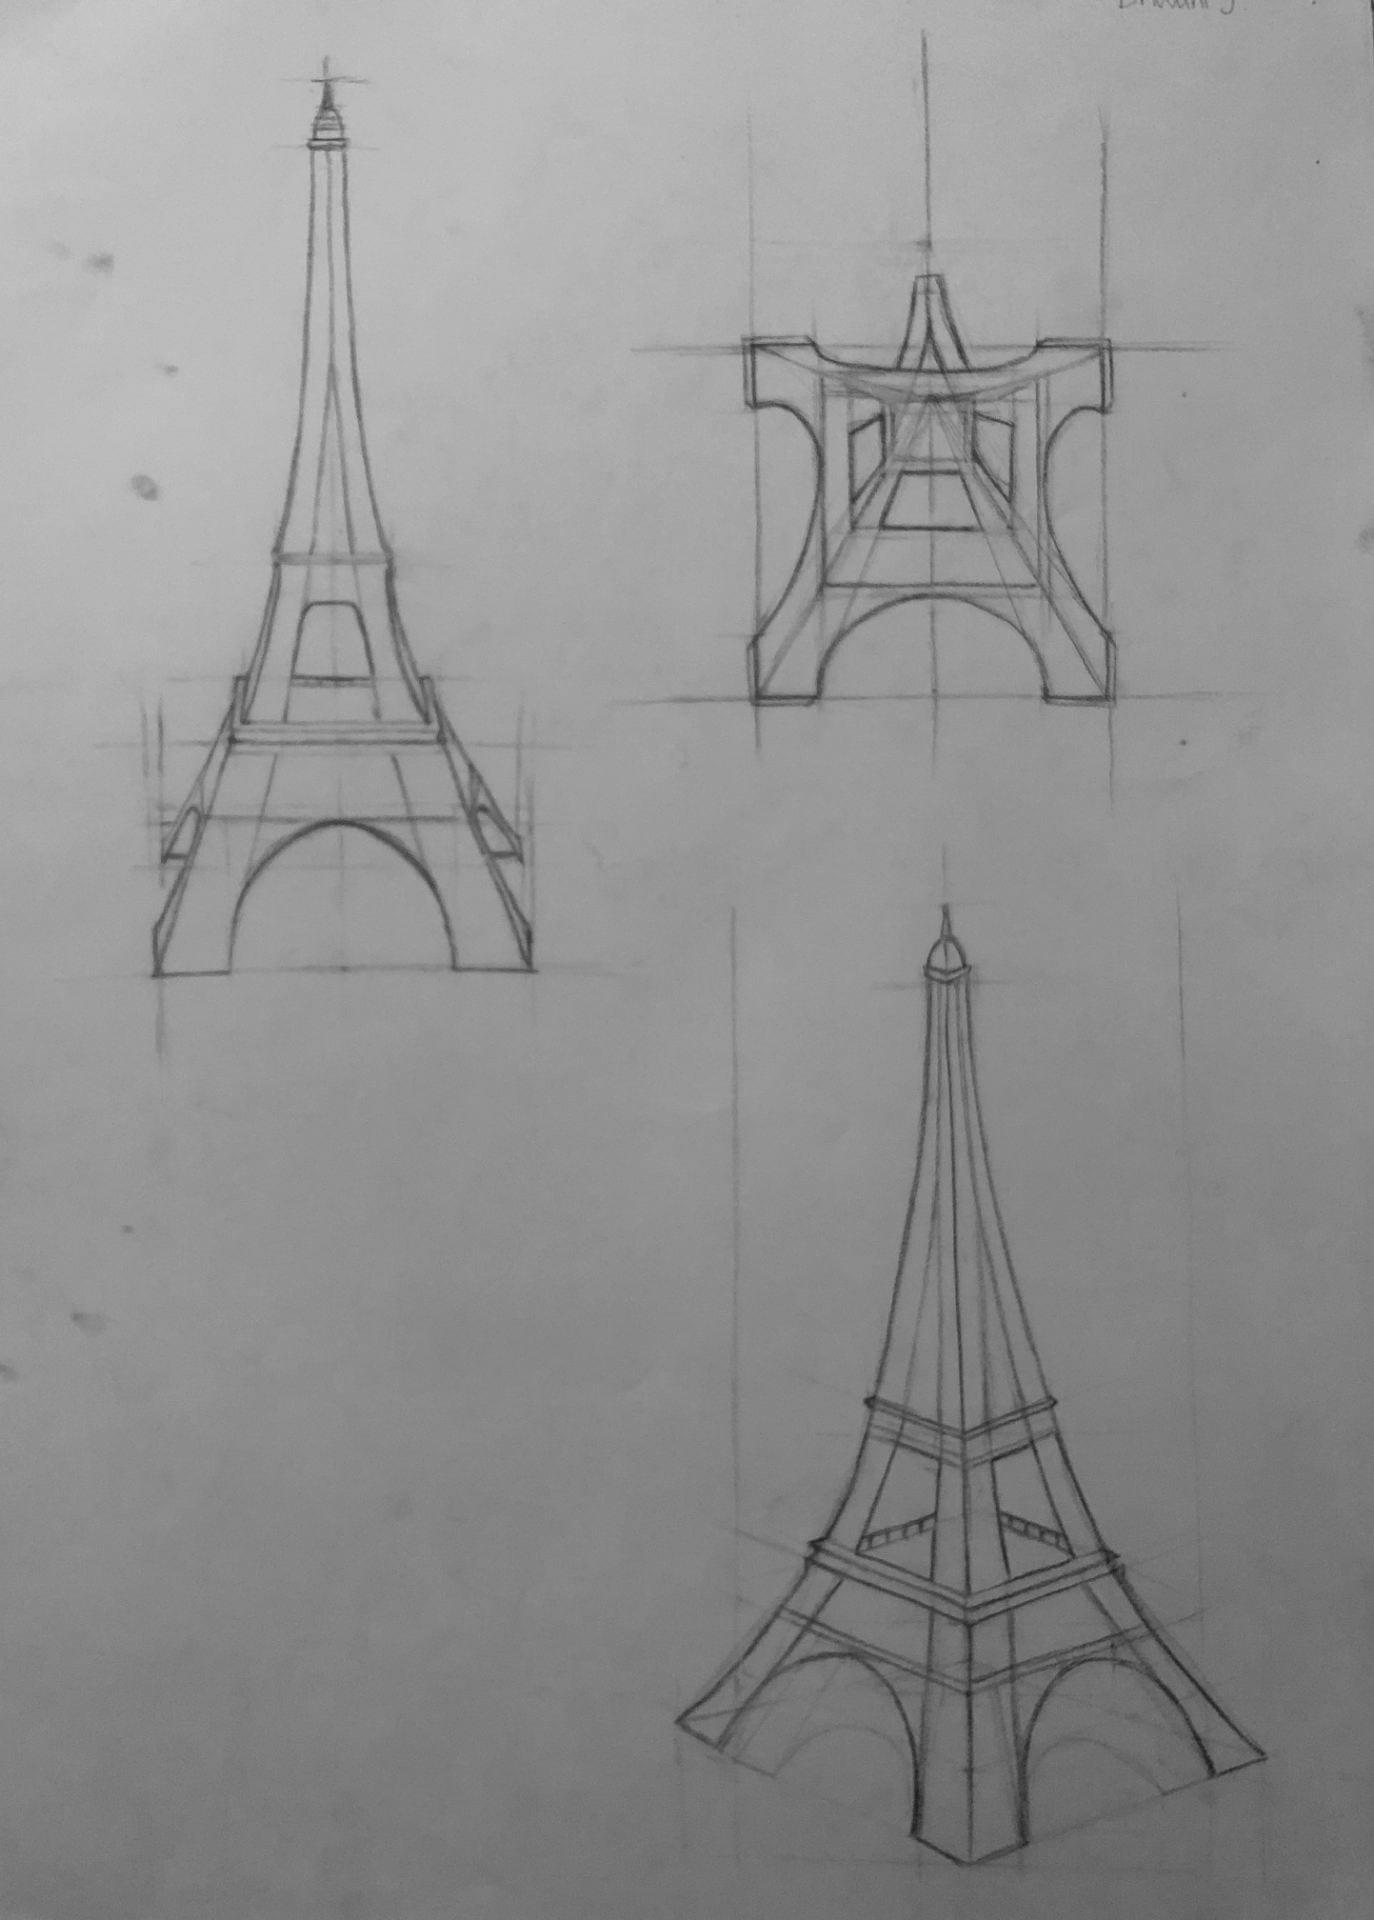 Measurement Drawings